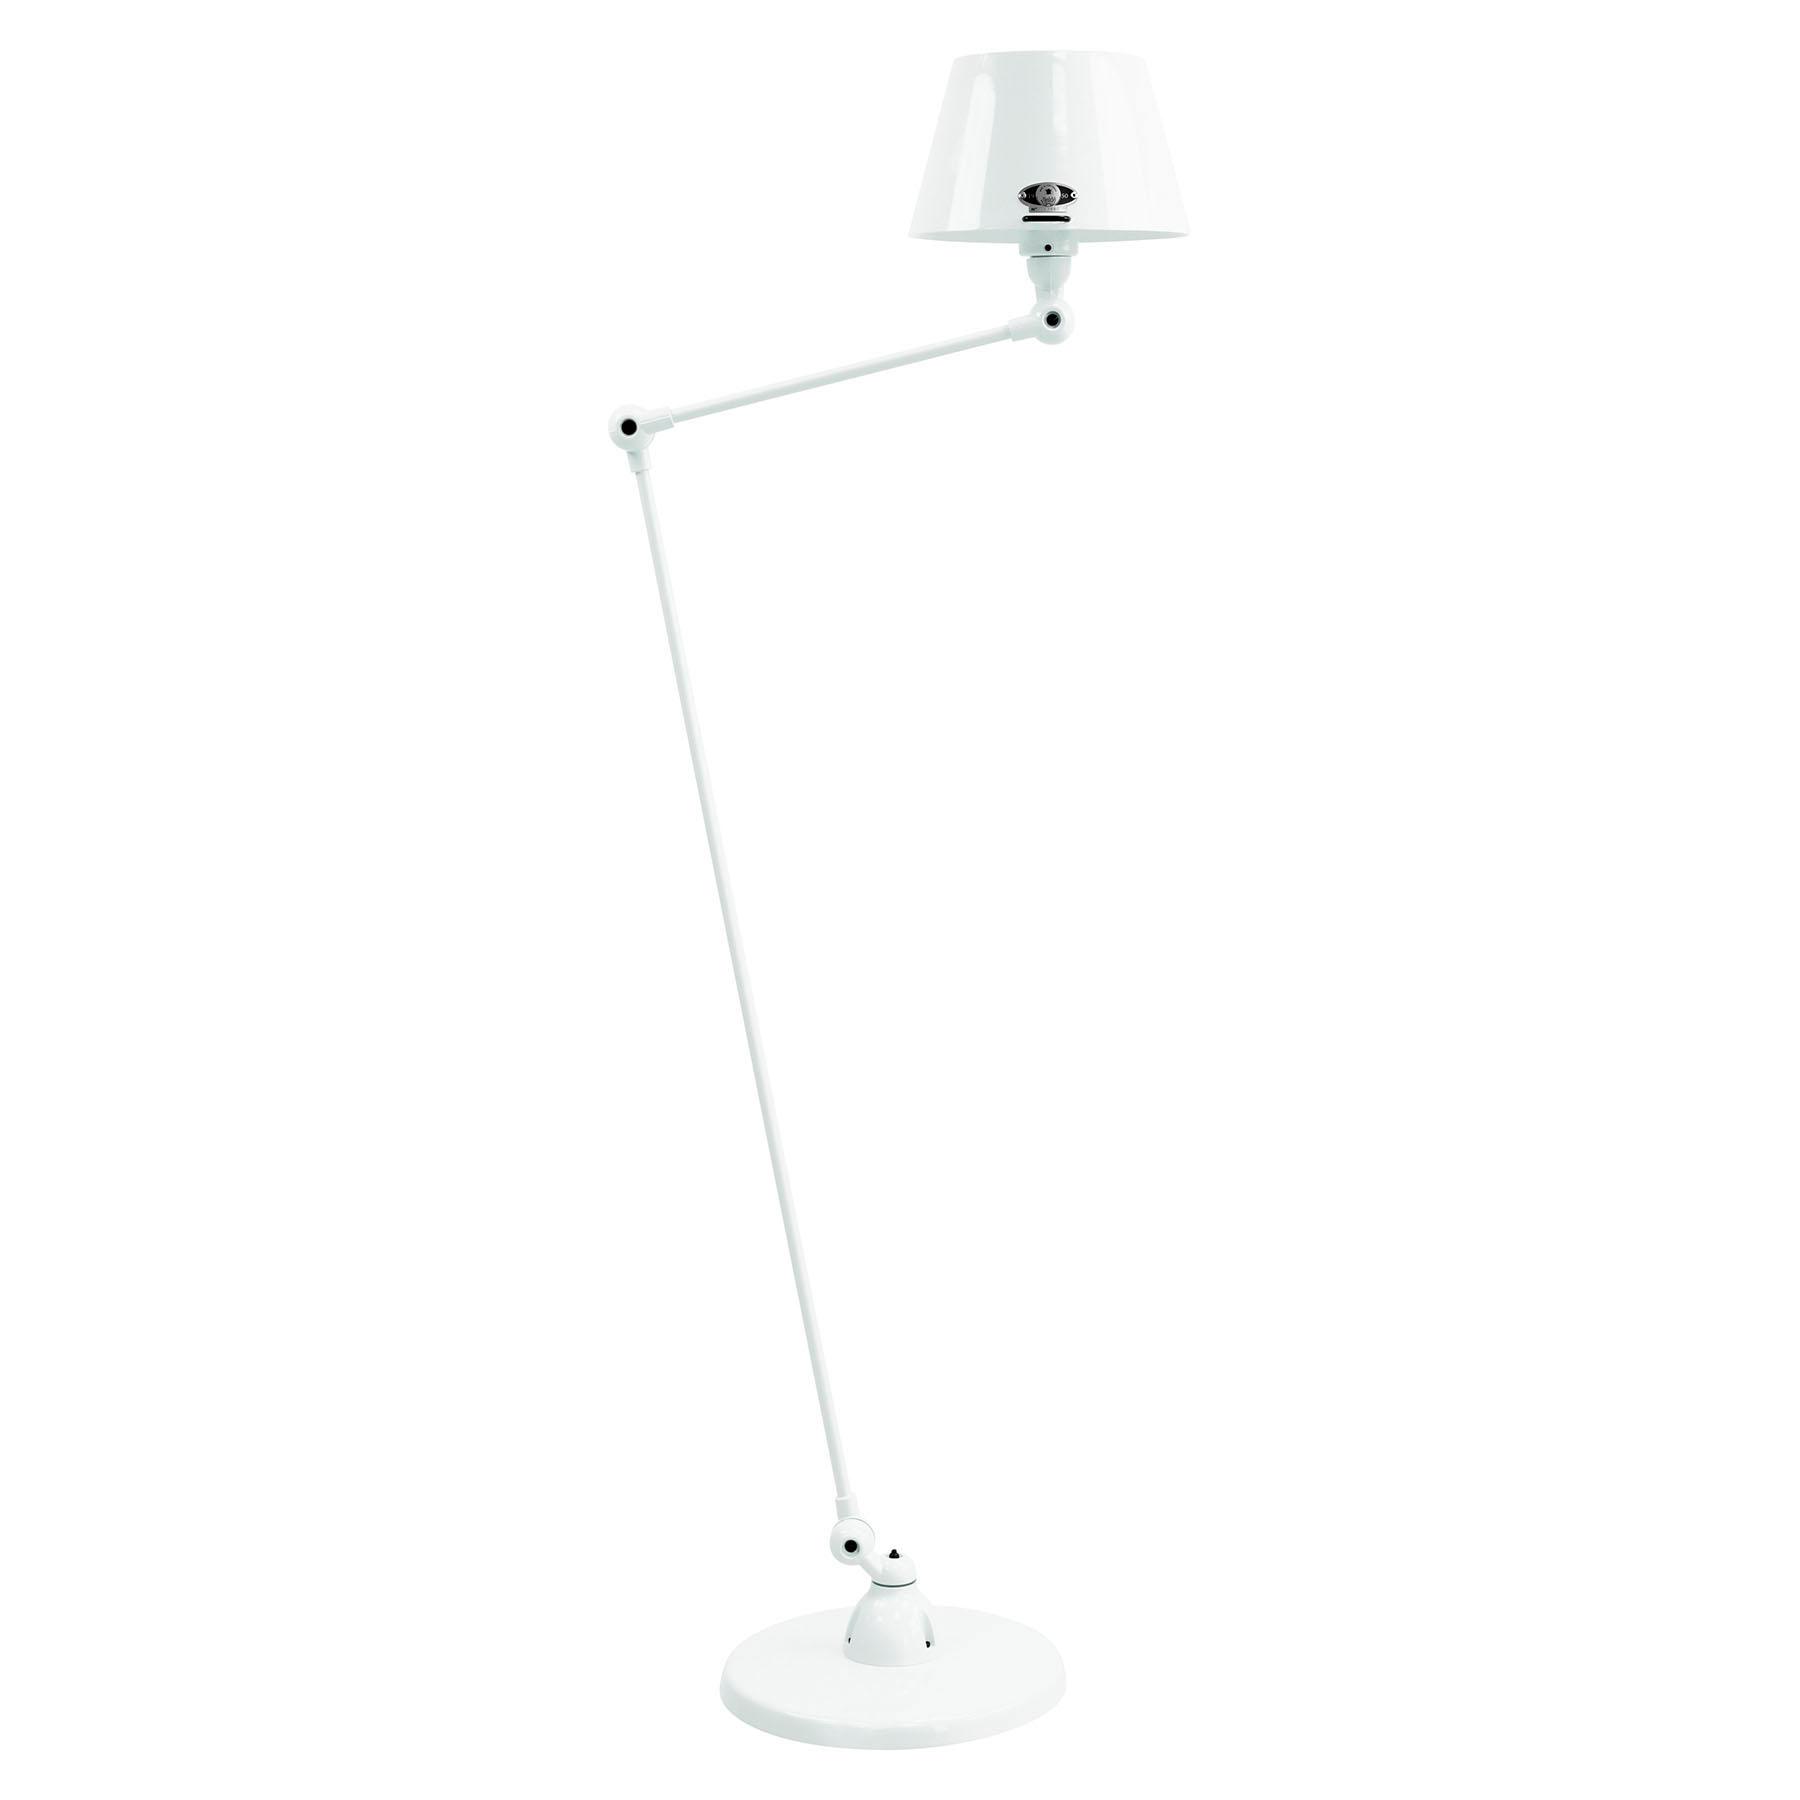 Jieldé Aicler AID833 80+30cm vloerlamp, wit